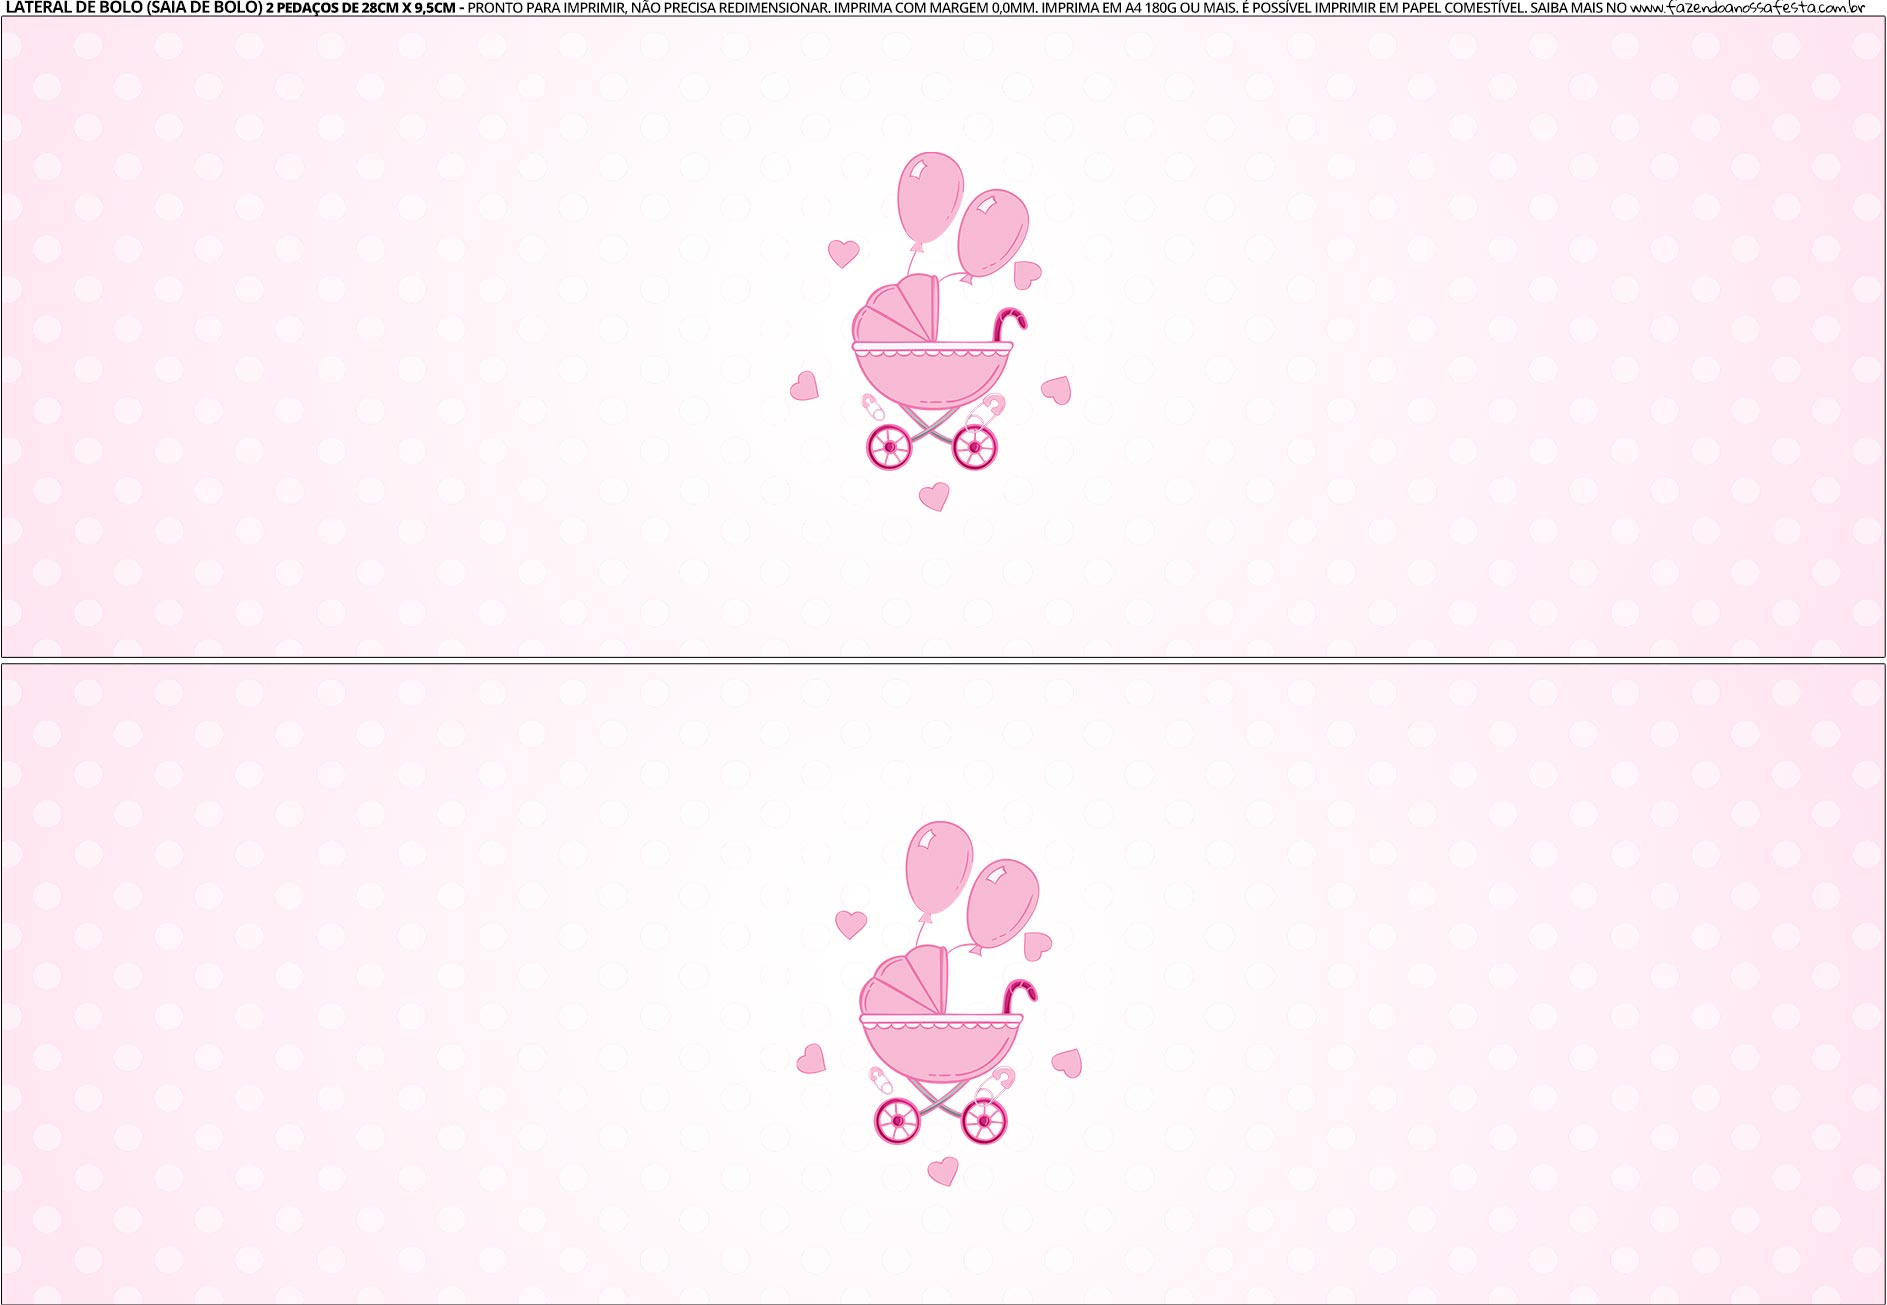 Imprima Saia de bolo Cha de bebe Menina 4